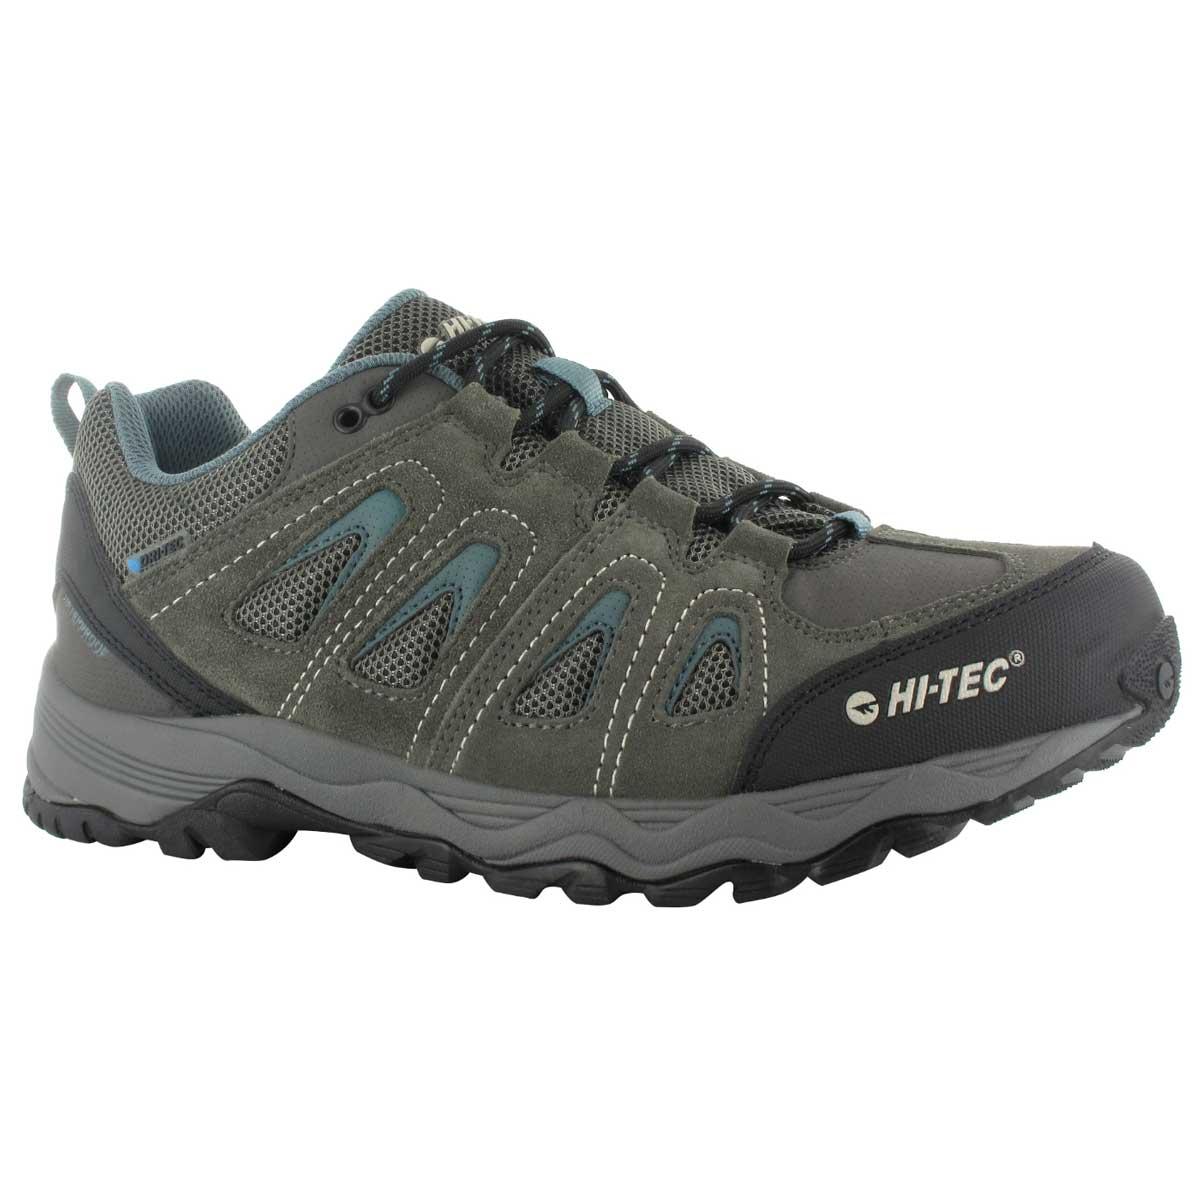 Hi-Tec Casual Shoes - Dark Grey - 5803 51 SIGNAL HILL 9ef2bb5955